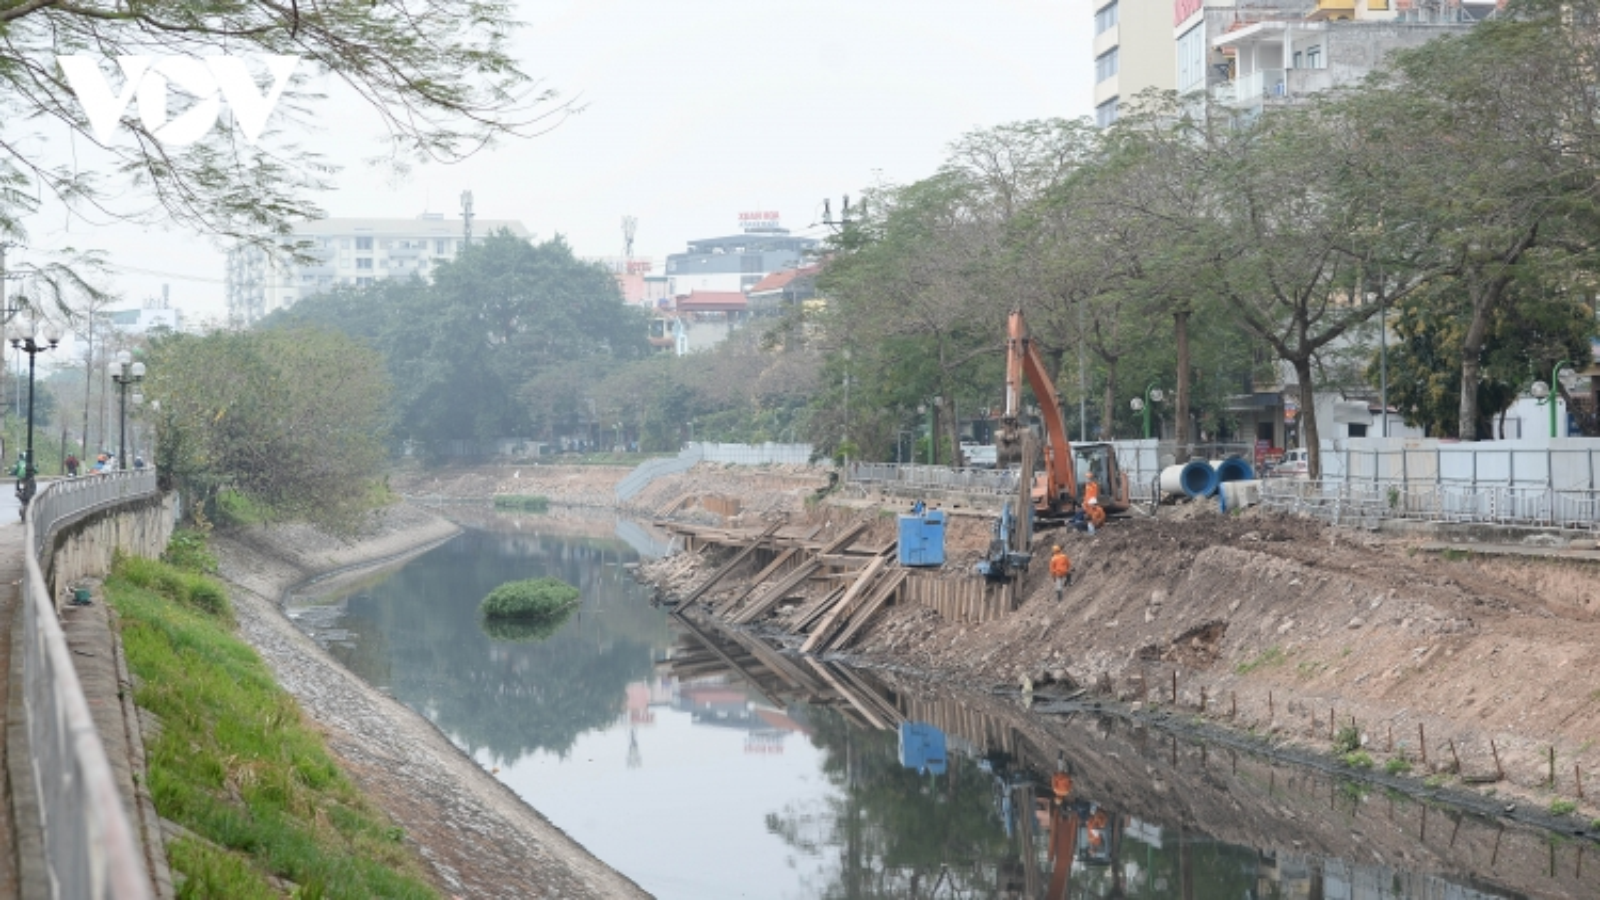 Cận cảnh lắp đặt hệ thống cống thu gom nước thải dọc sông Tô Lịch